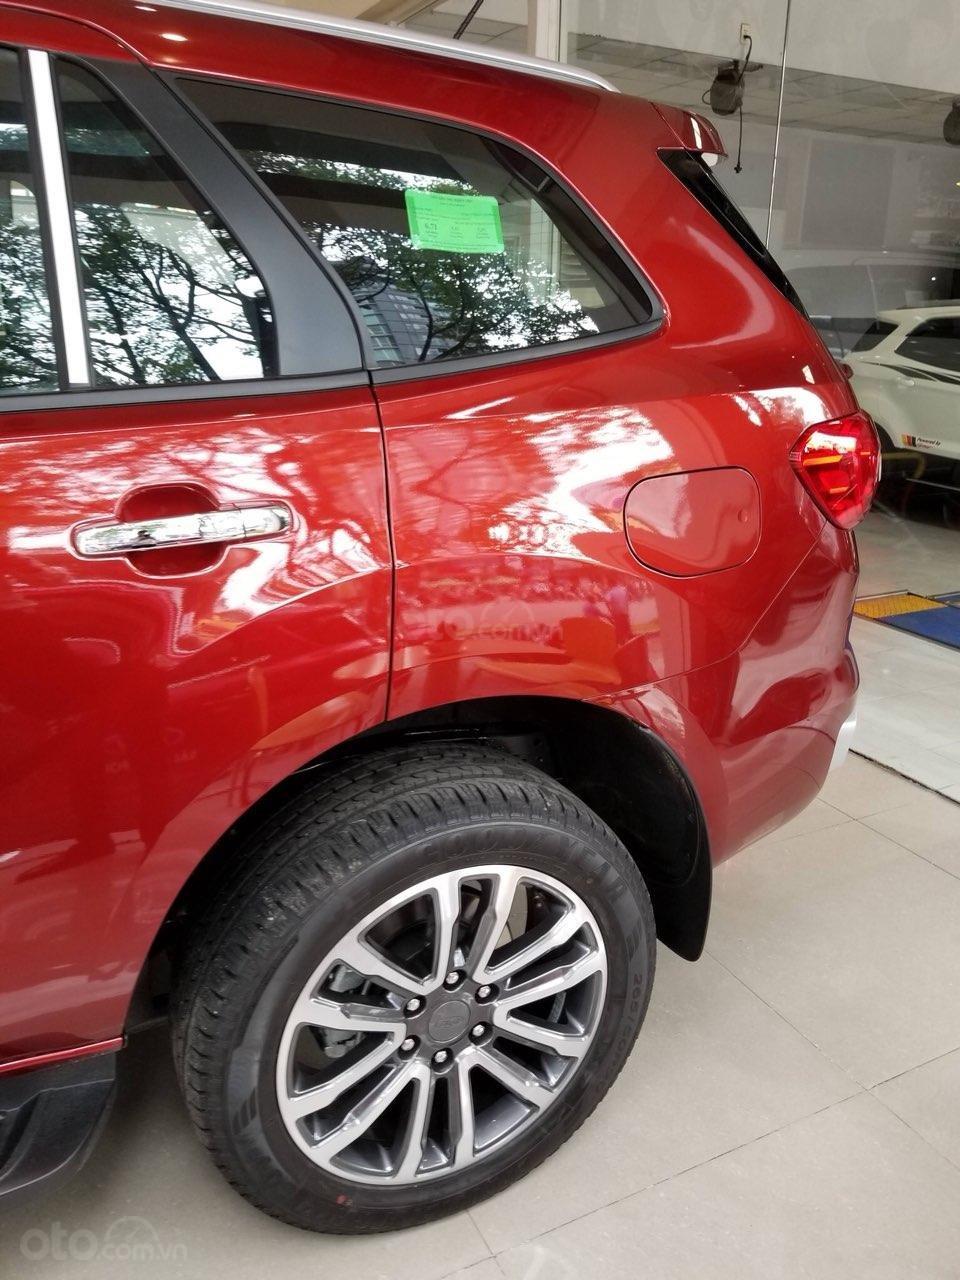 Ford Everest Ambiente và Titanium 2019, màu đỏ, nhập khẩu, giá nát để lấy doanh số, tặng kèm phụ kiện và hỗ trợ lệ phí-6